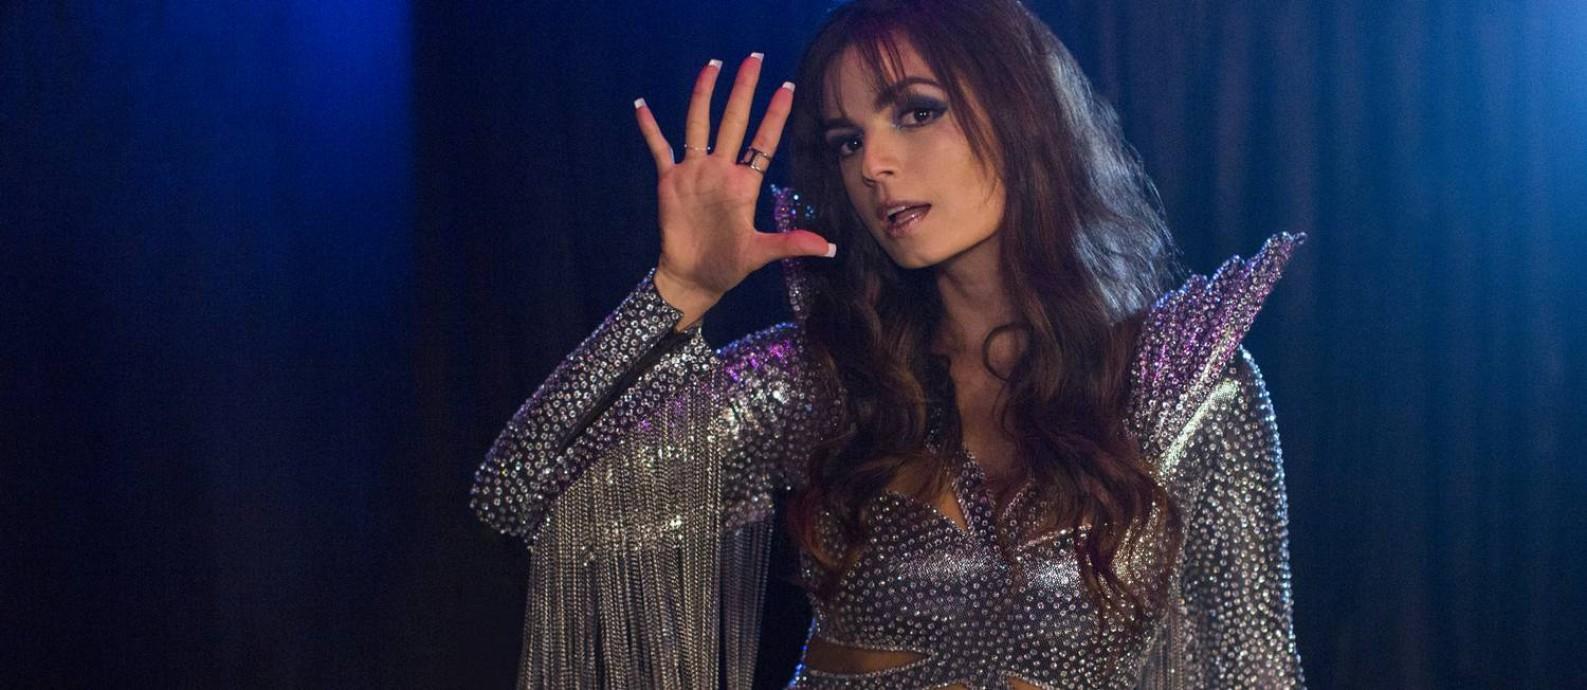 Emanuelle Araujo em 'Samantha!', como atriz que mantém os dois filhos com apresentações nostálgicas Foto: Fabio Braga/Netflix / Fabio Braga/Netflix